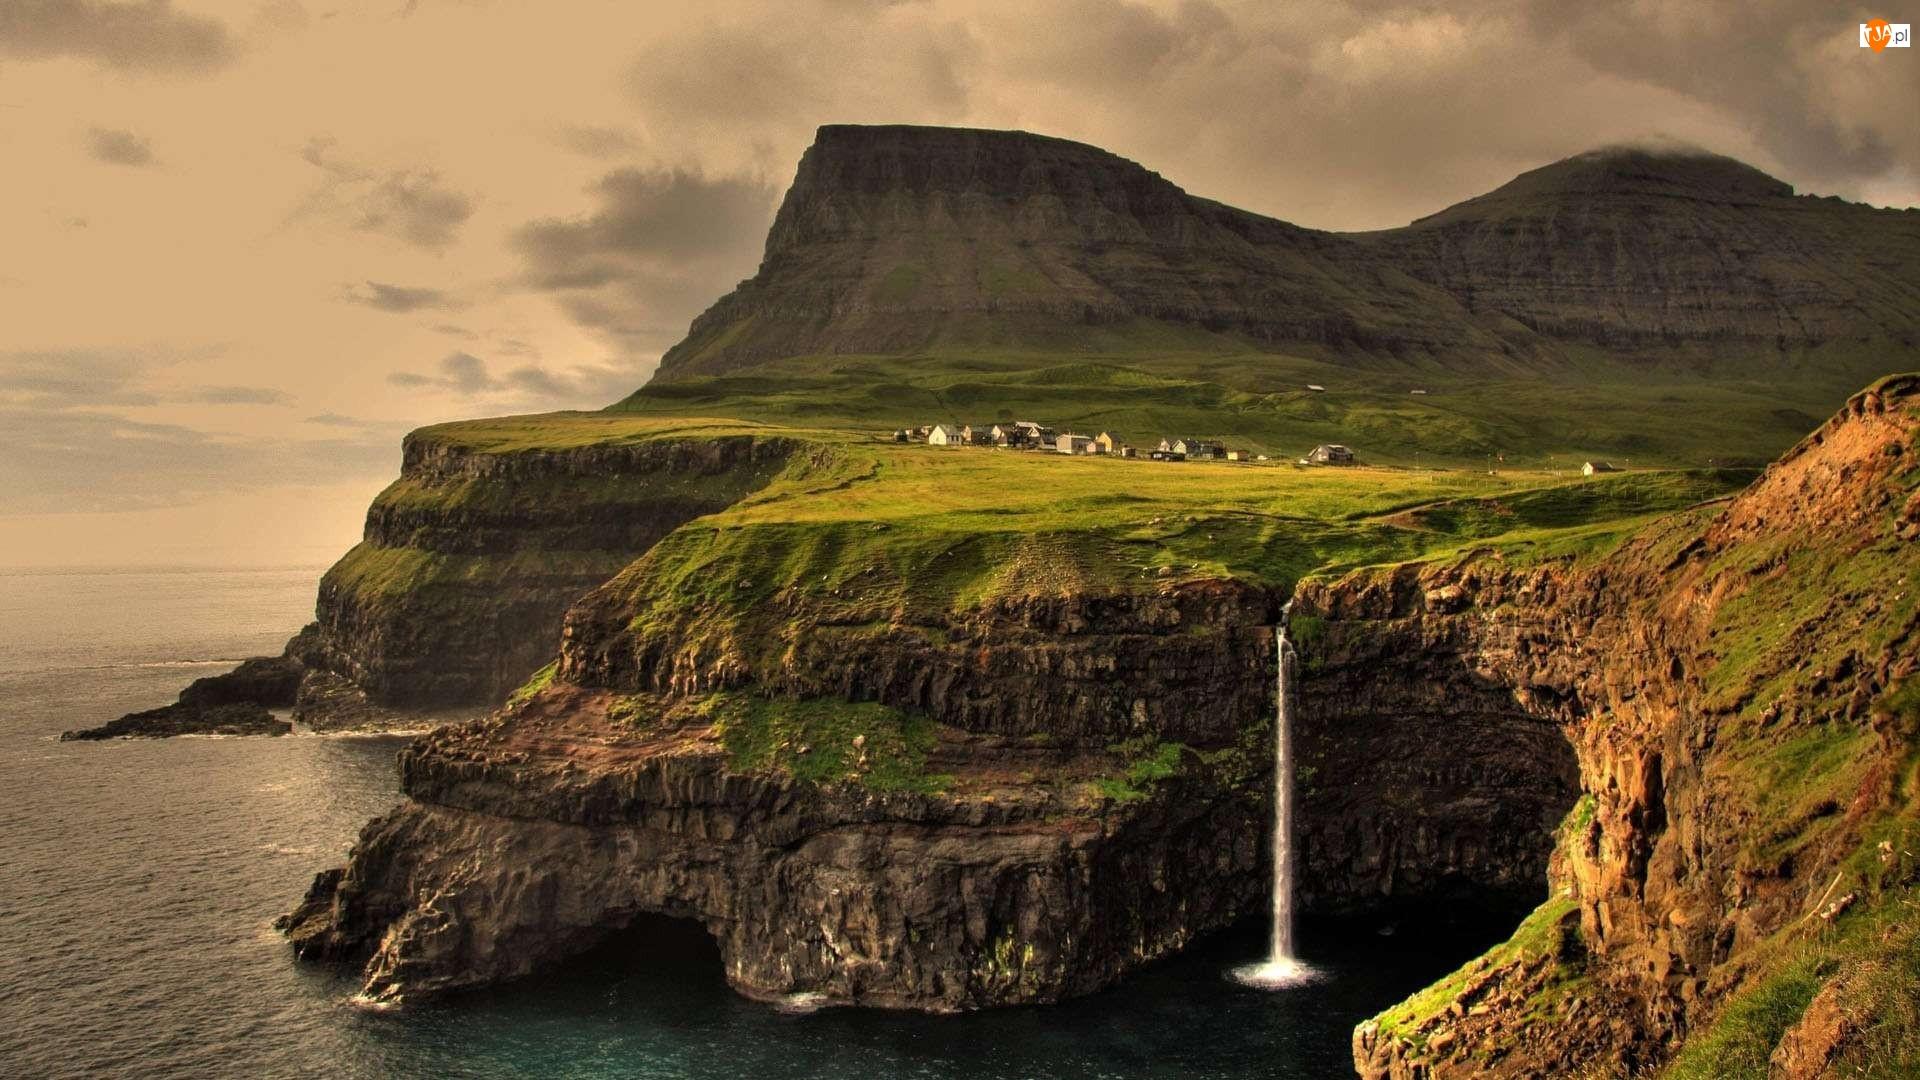 Morze, Norwegia, Wodospad, Góra, Wioska